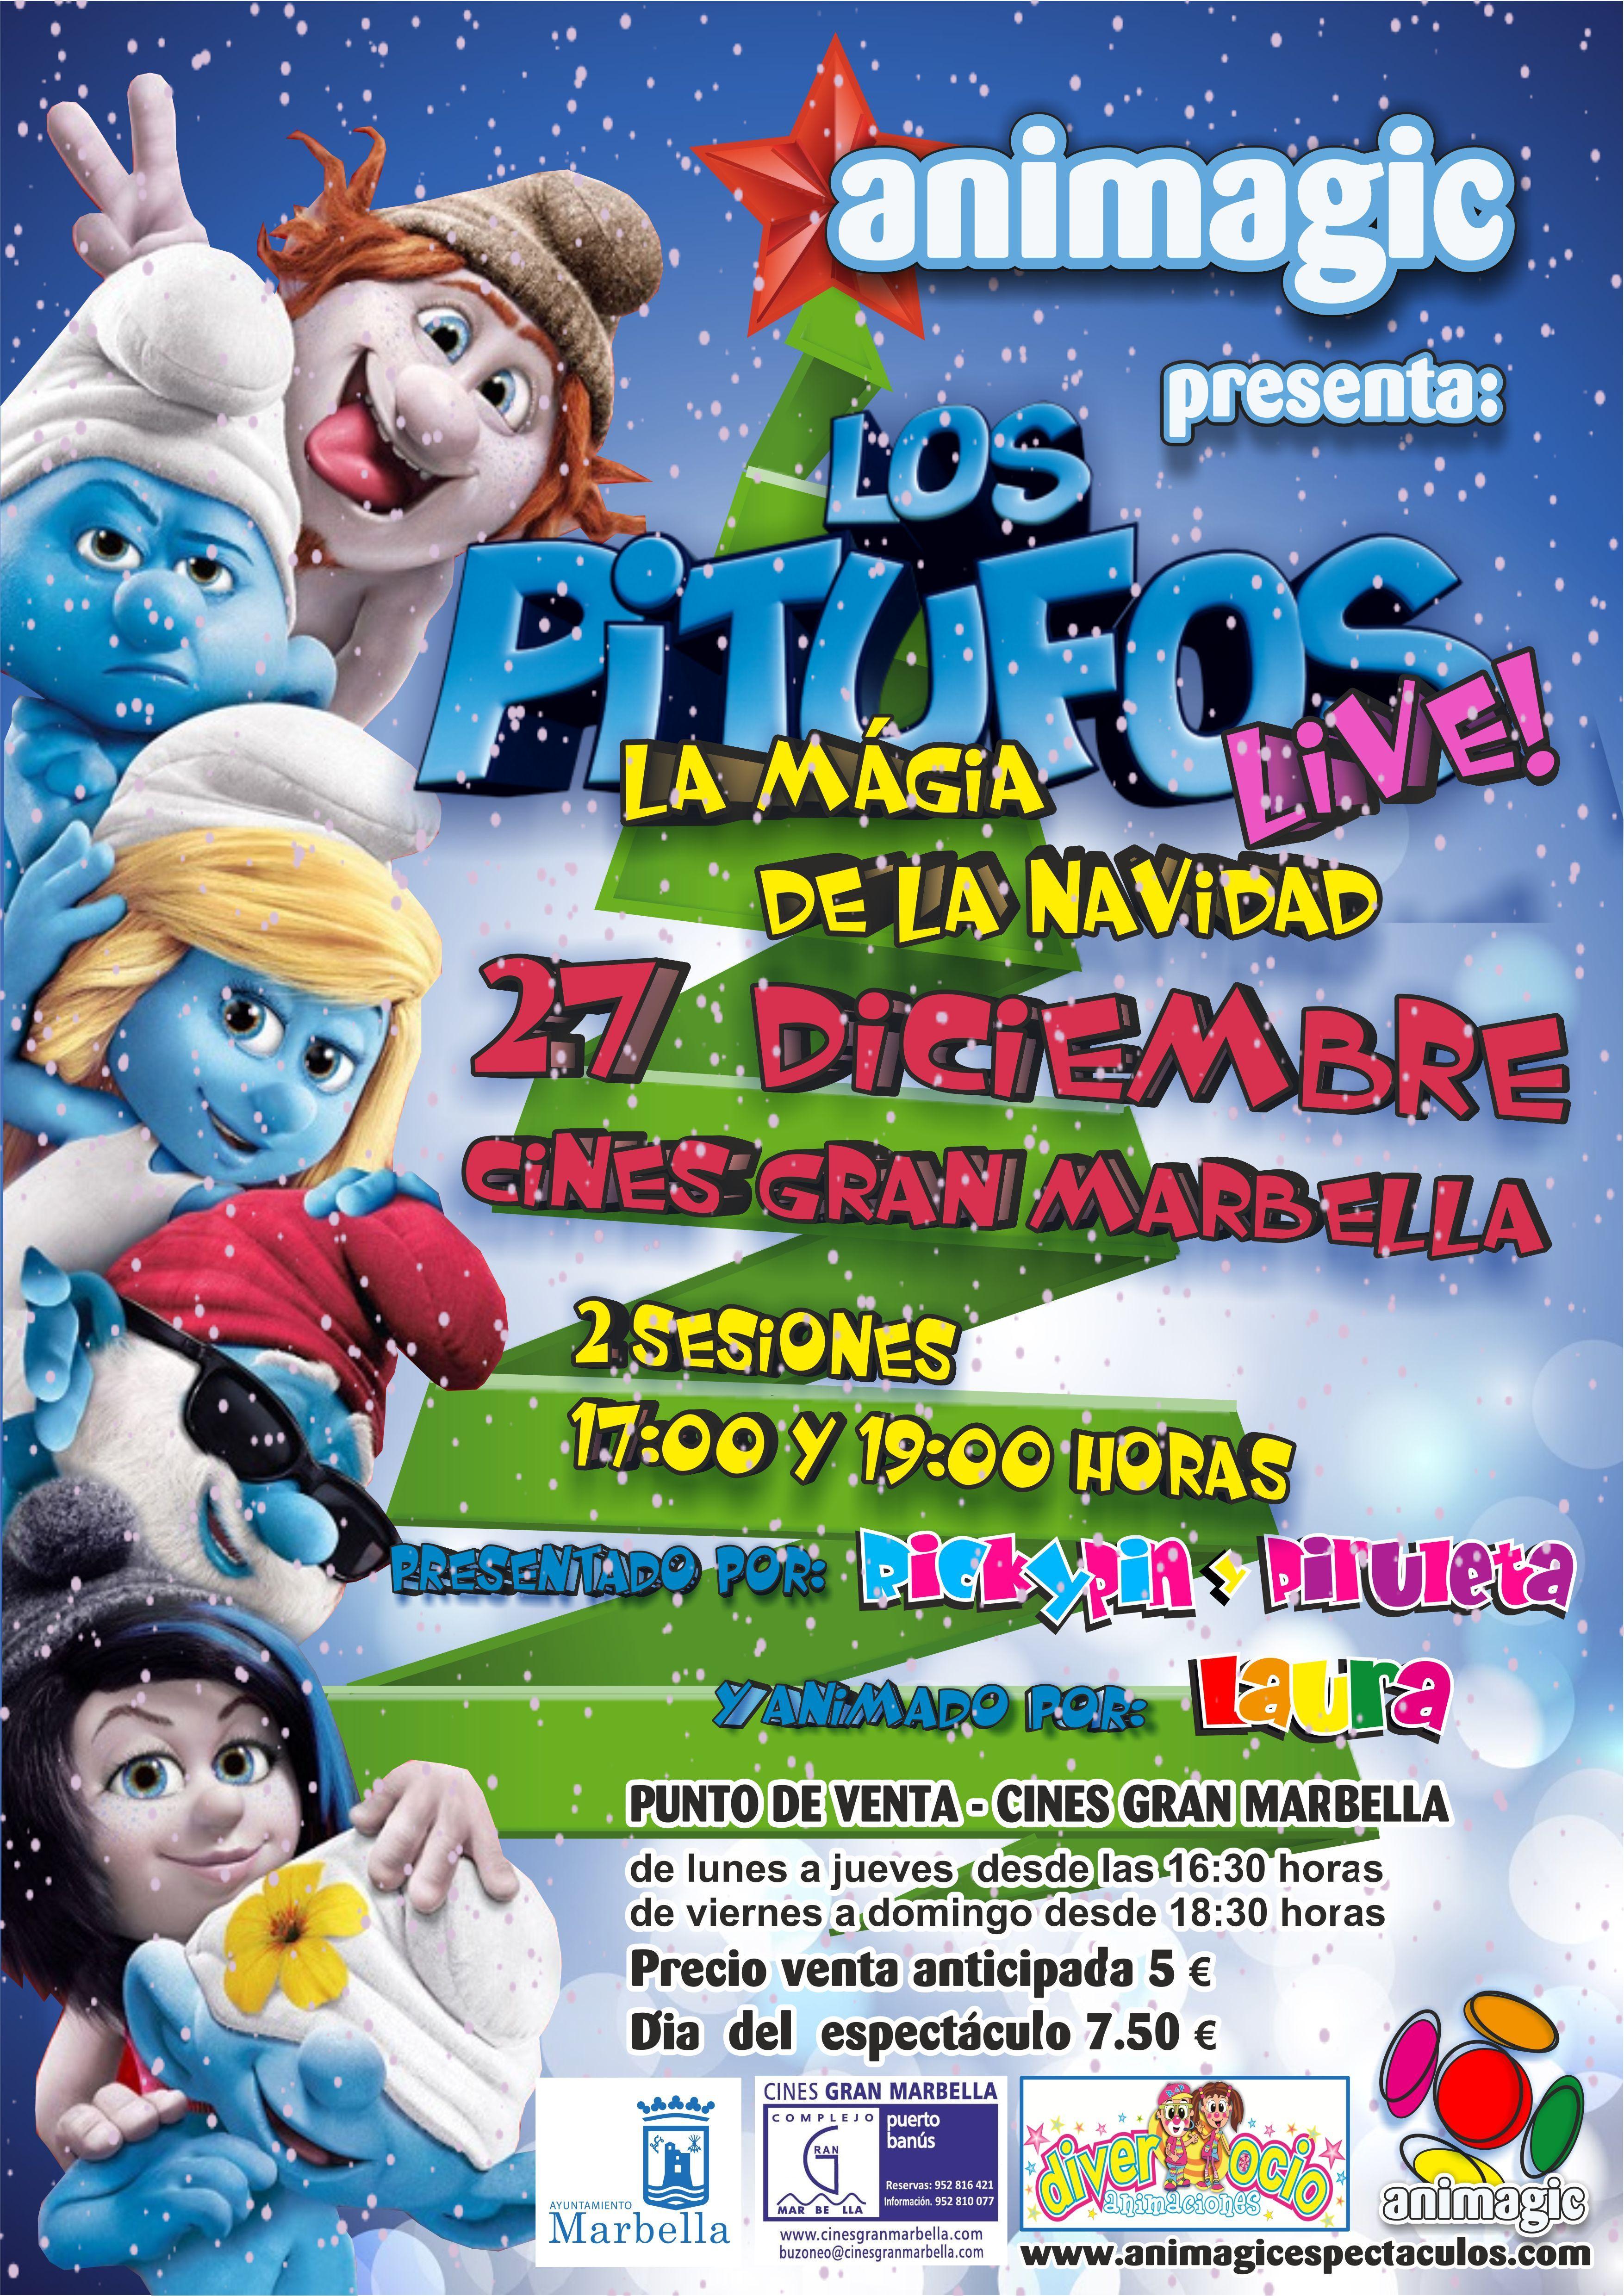 LOS PITUFOS Y LA MAGIA DE LA NAVIDAD, ha sido la ultima creación como gran espectaculo de Animagic y estrenado en la Navidad 2013, gran éxito y ya a la espera de una nueva versión para 2014.